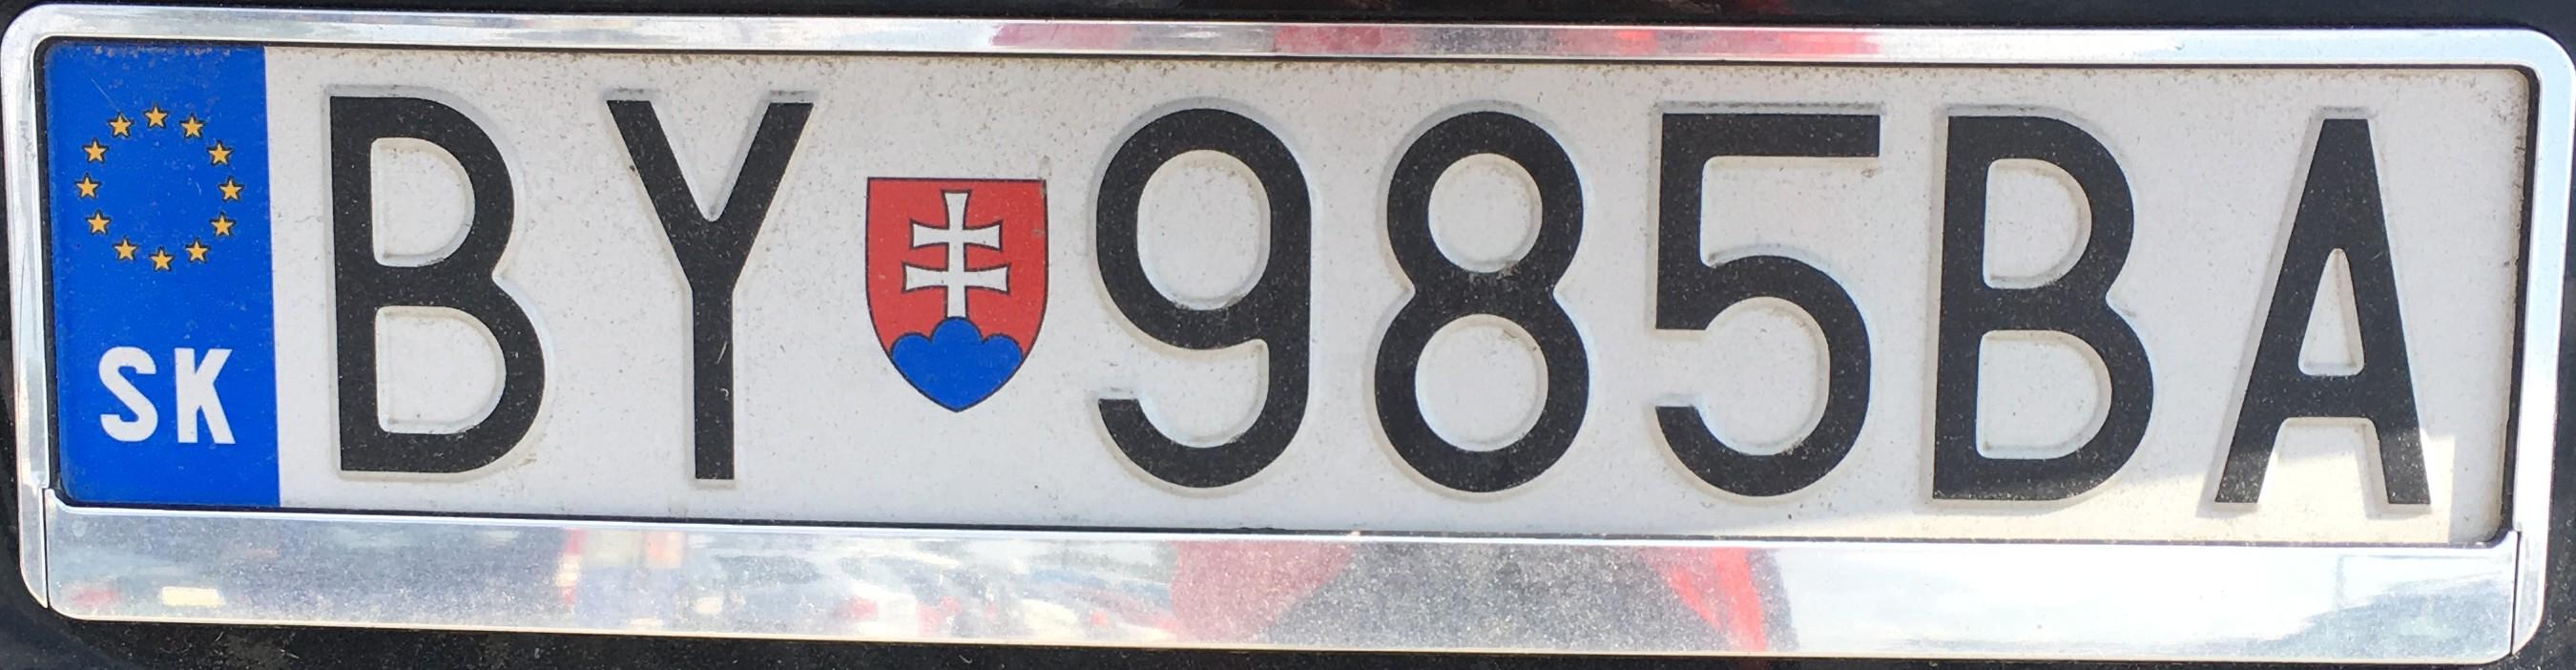 Registrační značka: BY - Bytča, foto: vlastní